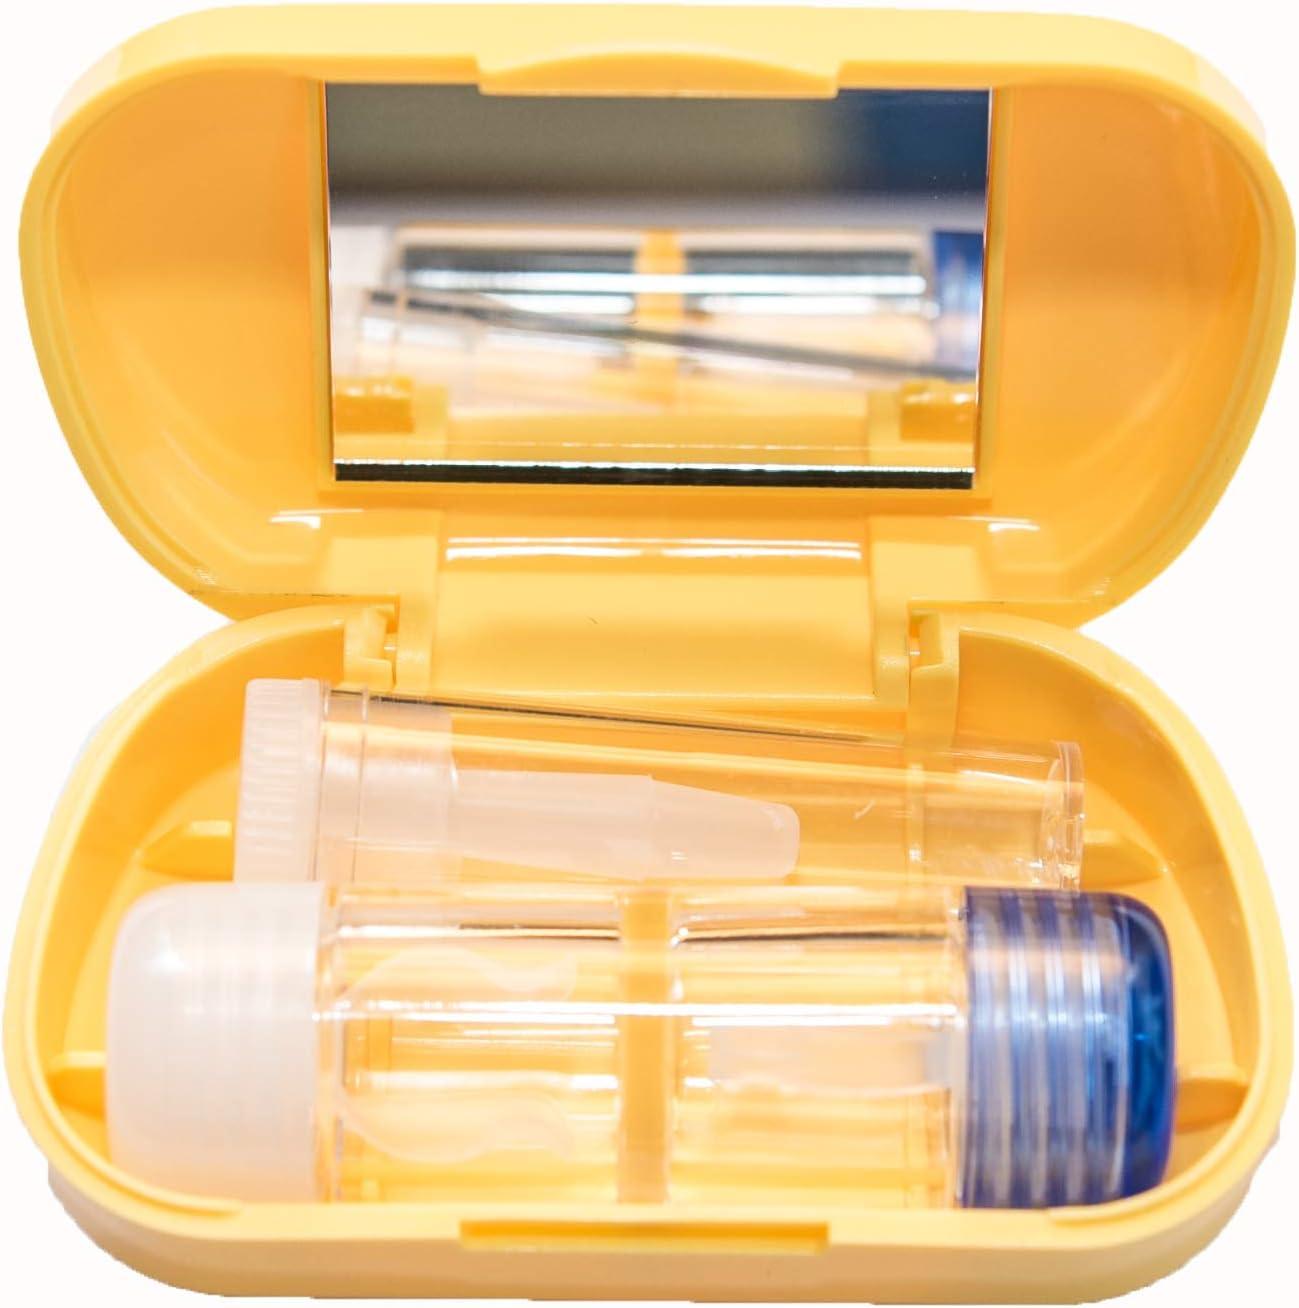 SeeCle SE-418122-HZ lentilles de rechange pour masques argent effet miroir compatible pour masque Just1 Iris//Vitro